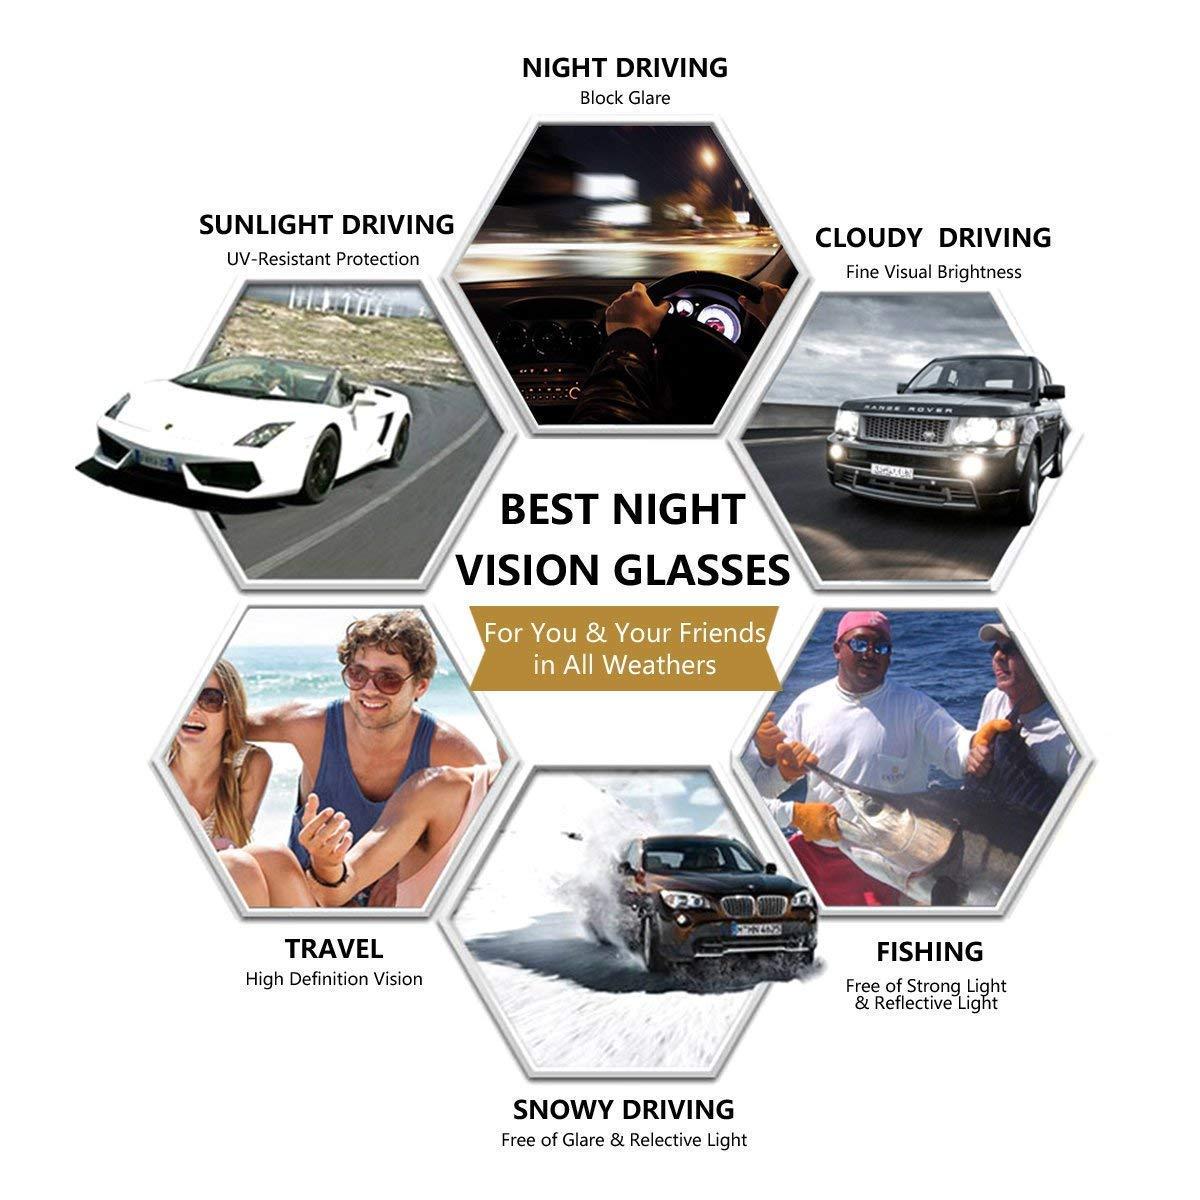 para hombres y mujeres Palazen Gafas de sol visi/ón nocturna HD con lentes polarizadas para conducci/ón nocturna color amarillo antideslumbrantes